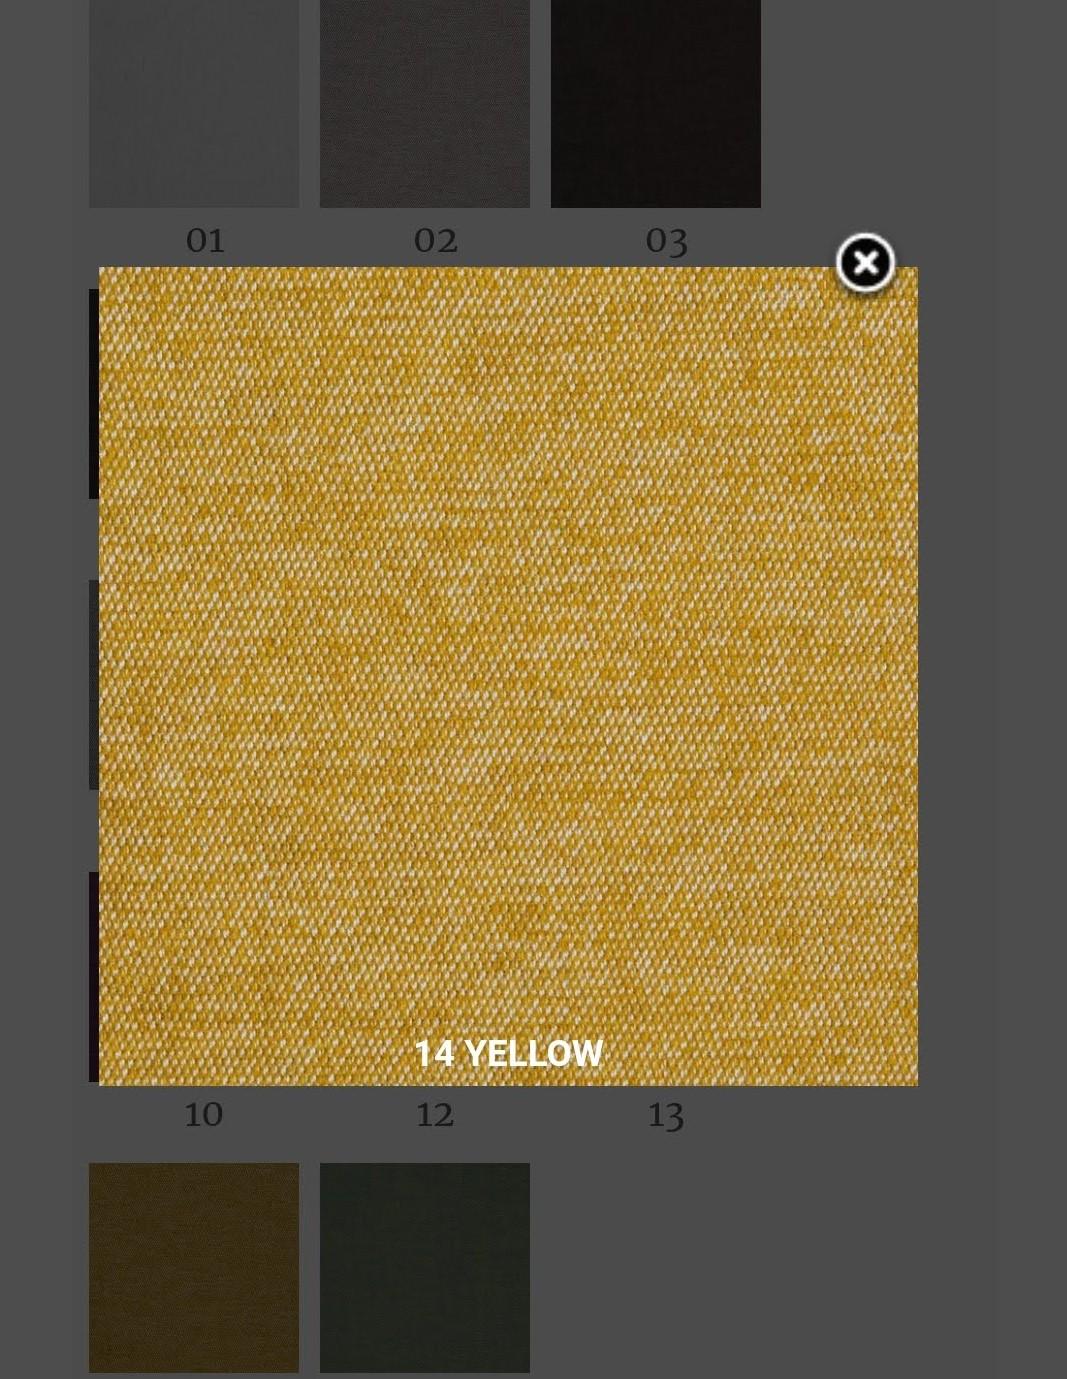 screenshot_20210117-112912_chrome.jpg